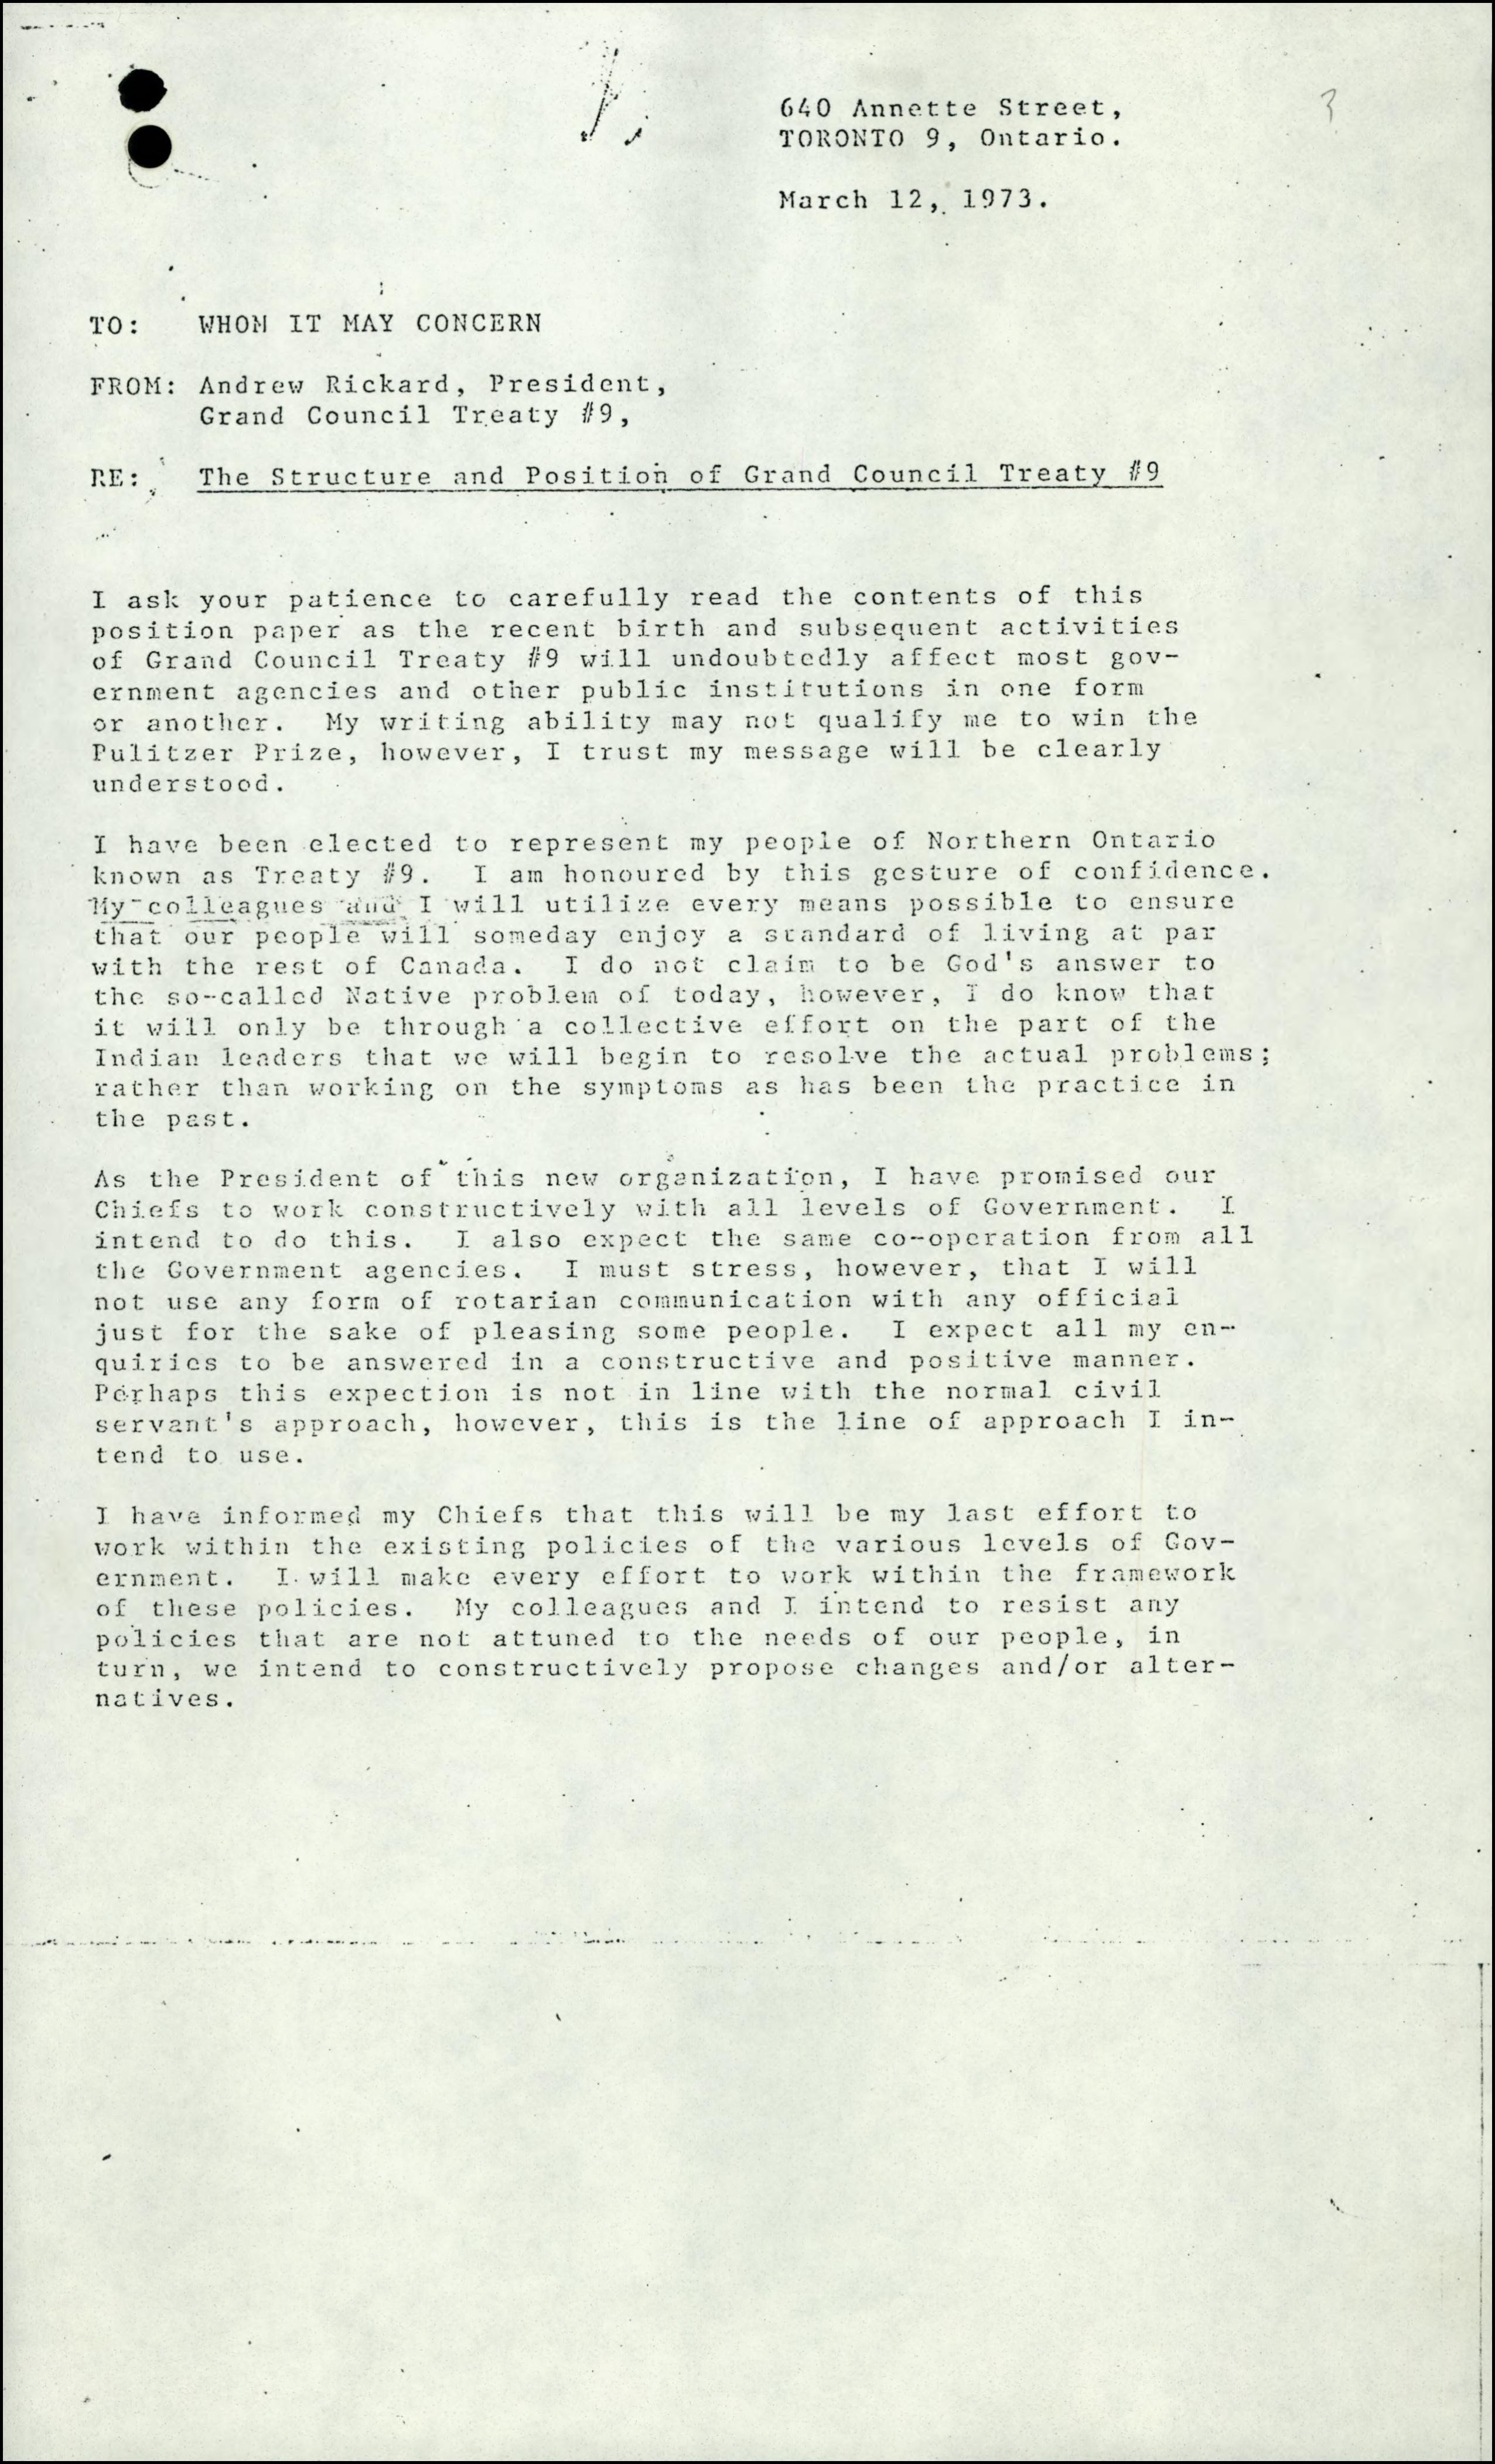 Une note de service tapuscrite, datée du 12 mars 1973, rédigée par Andrew Rickard, président du Grand conseil du traité no 9, au nom de son peuple. L'auteur dévoile ses intentions et ses attentes relatives à une collaboration avec tous les ordres de gouvernement.